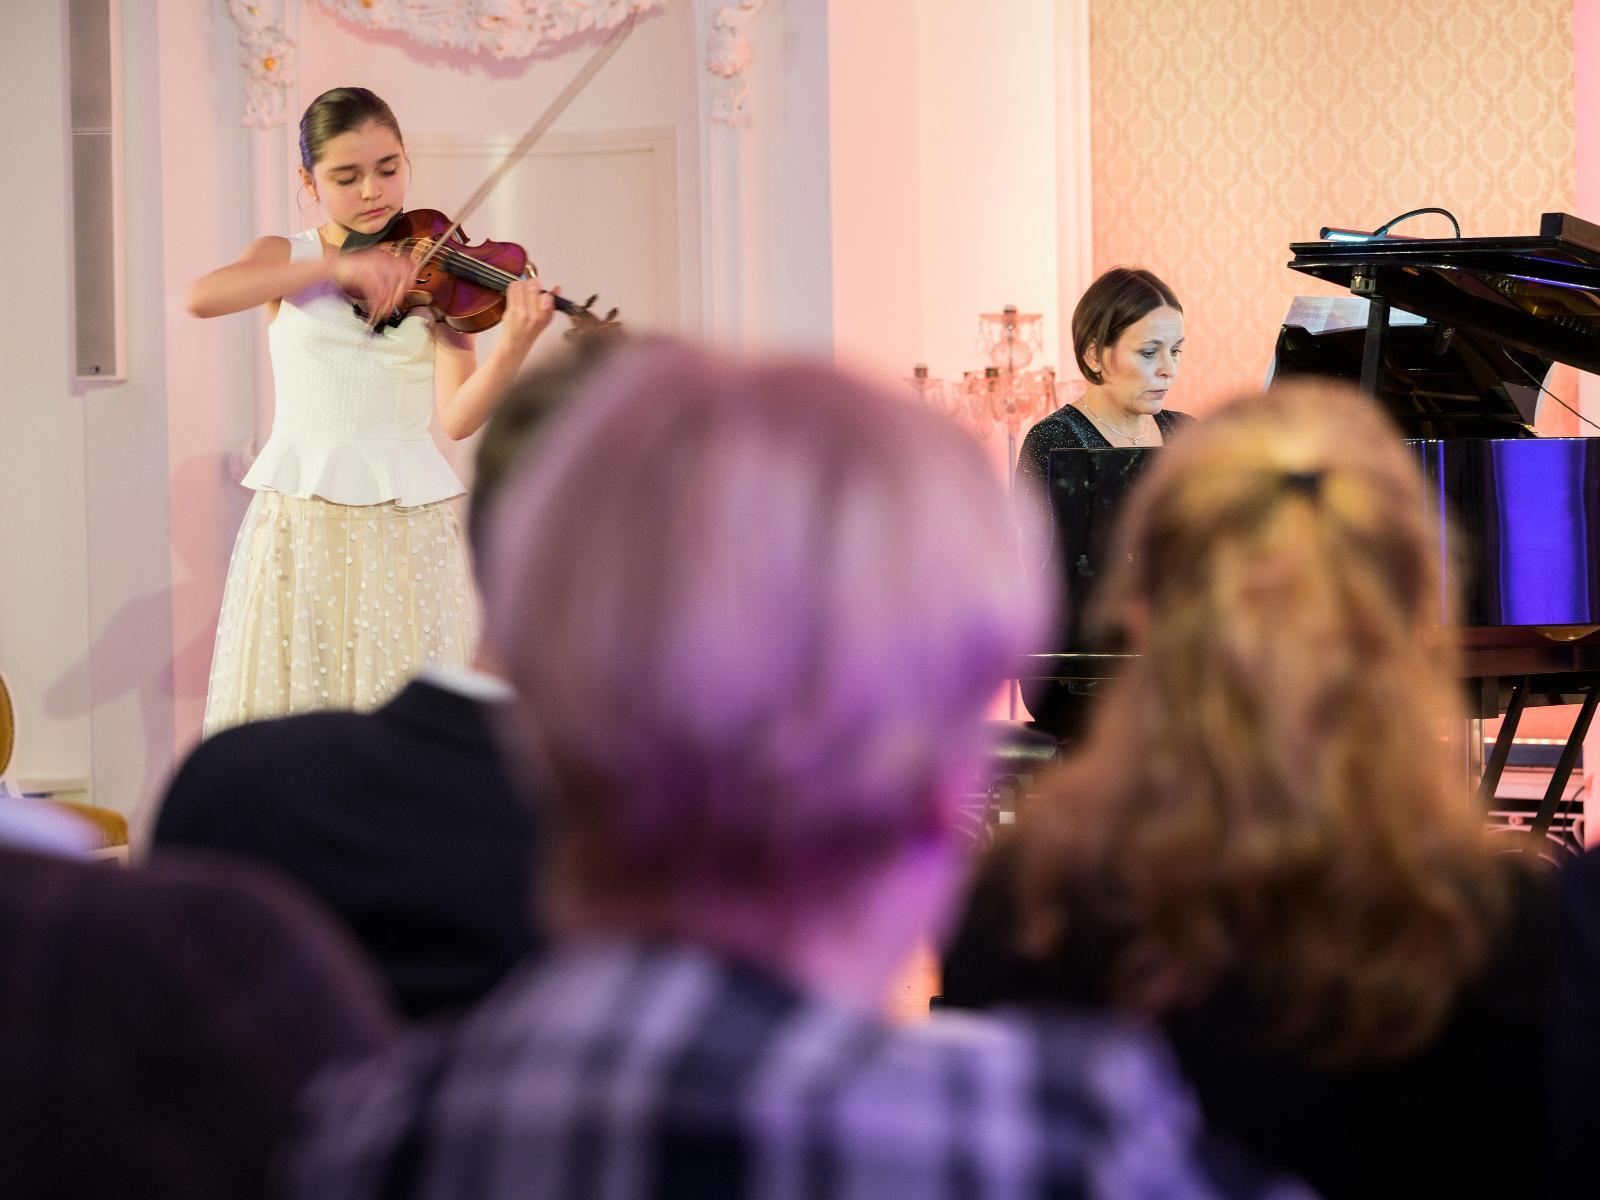 Violinistin beim Benefizkonzert im Barocksaal